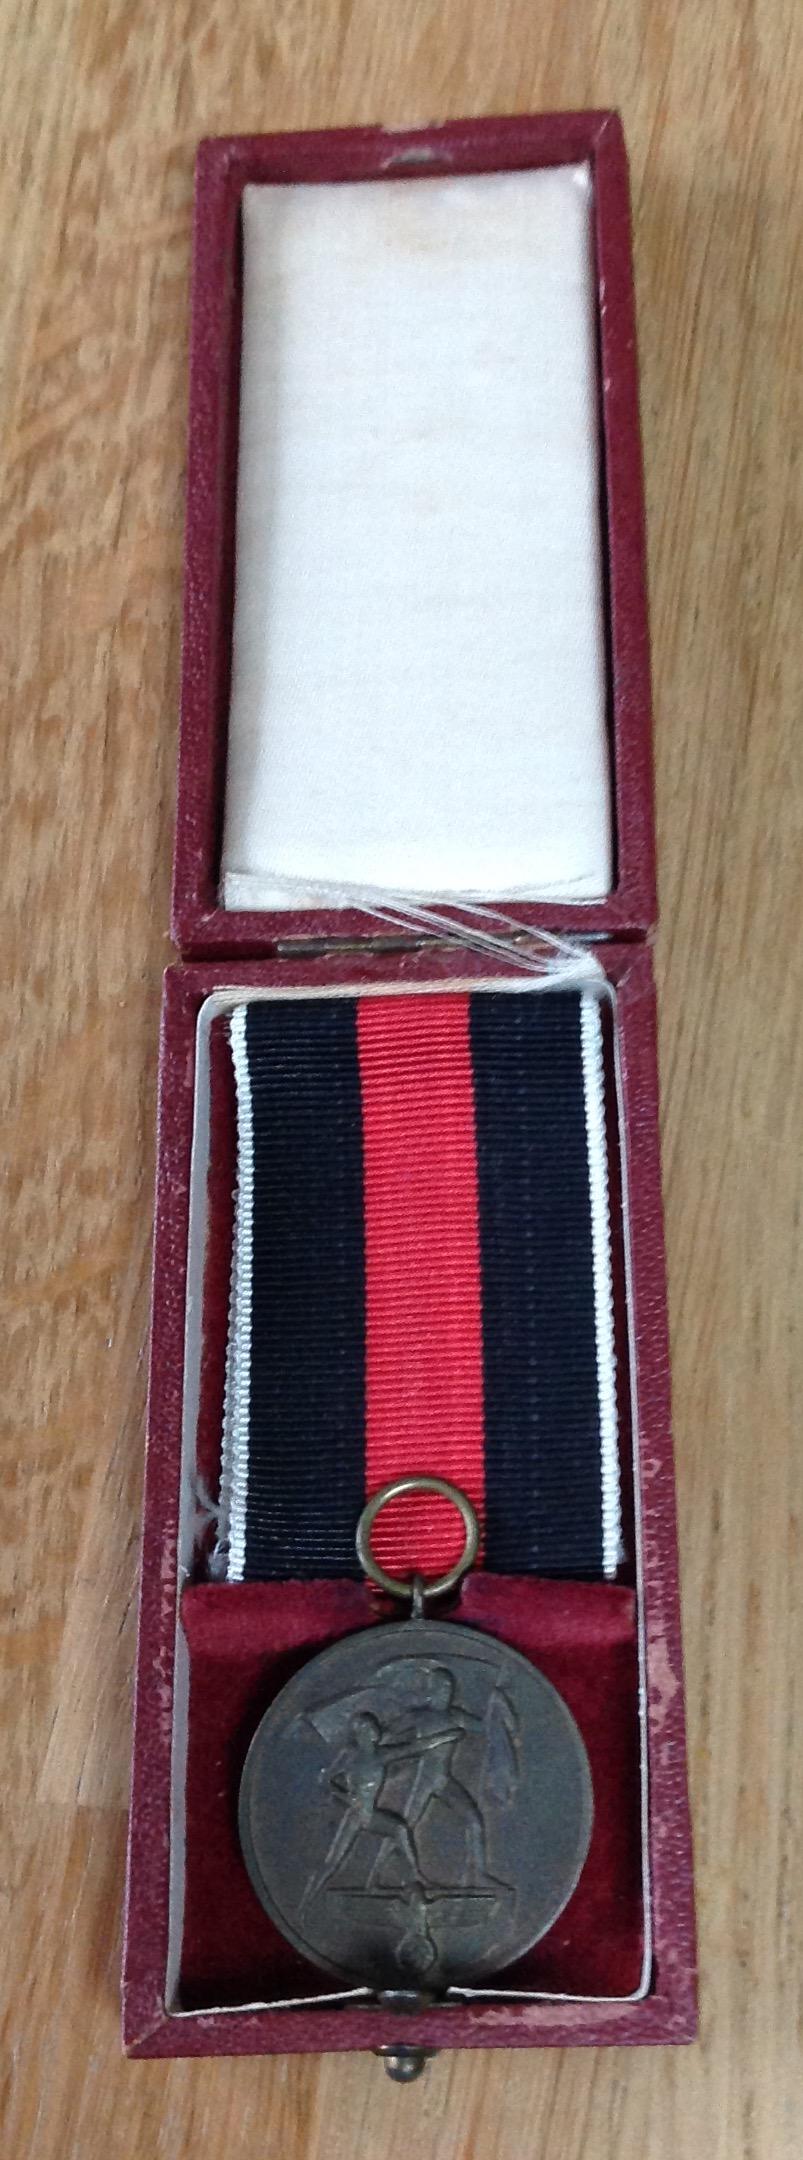 Médaille allemande et sa boîte  Img_6329